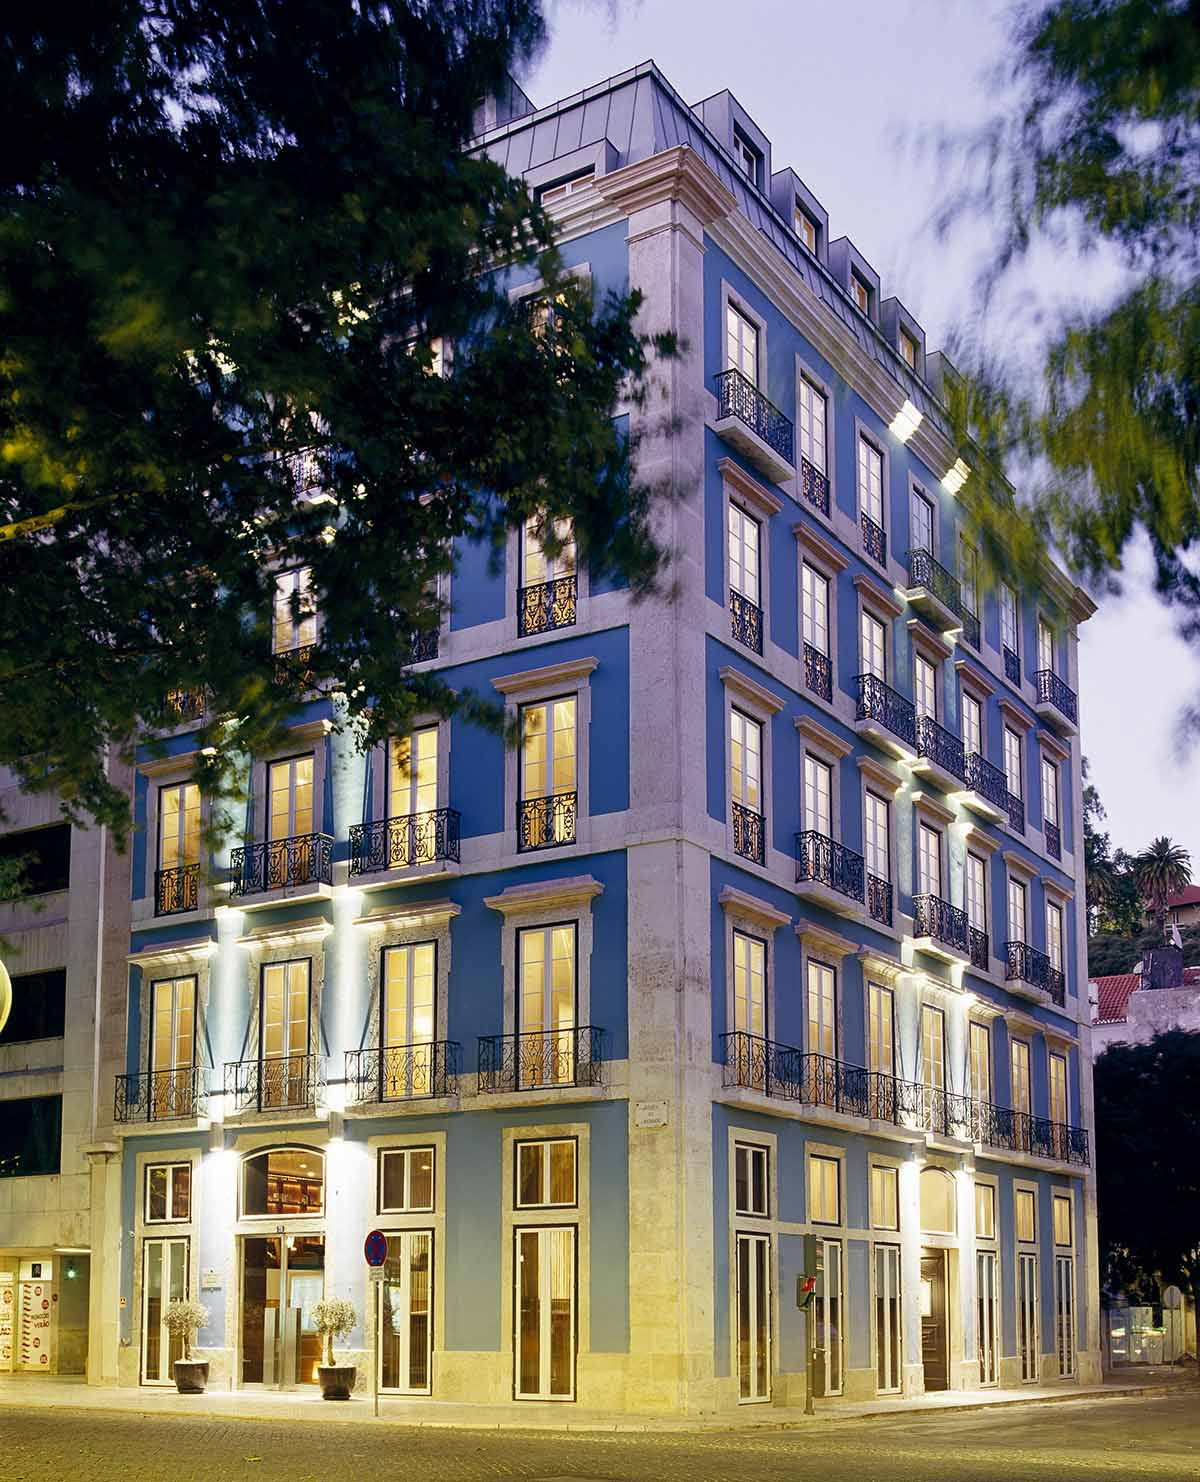 heritage_avenida_liberdade_facade